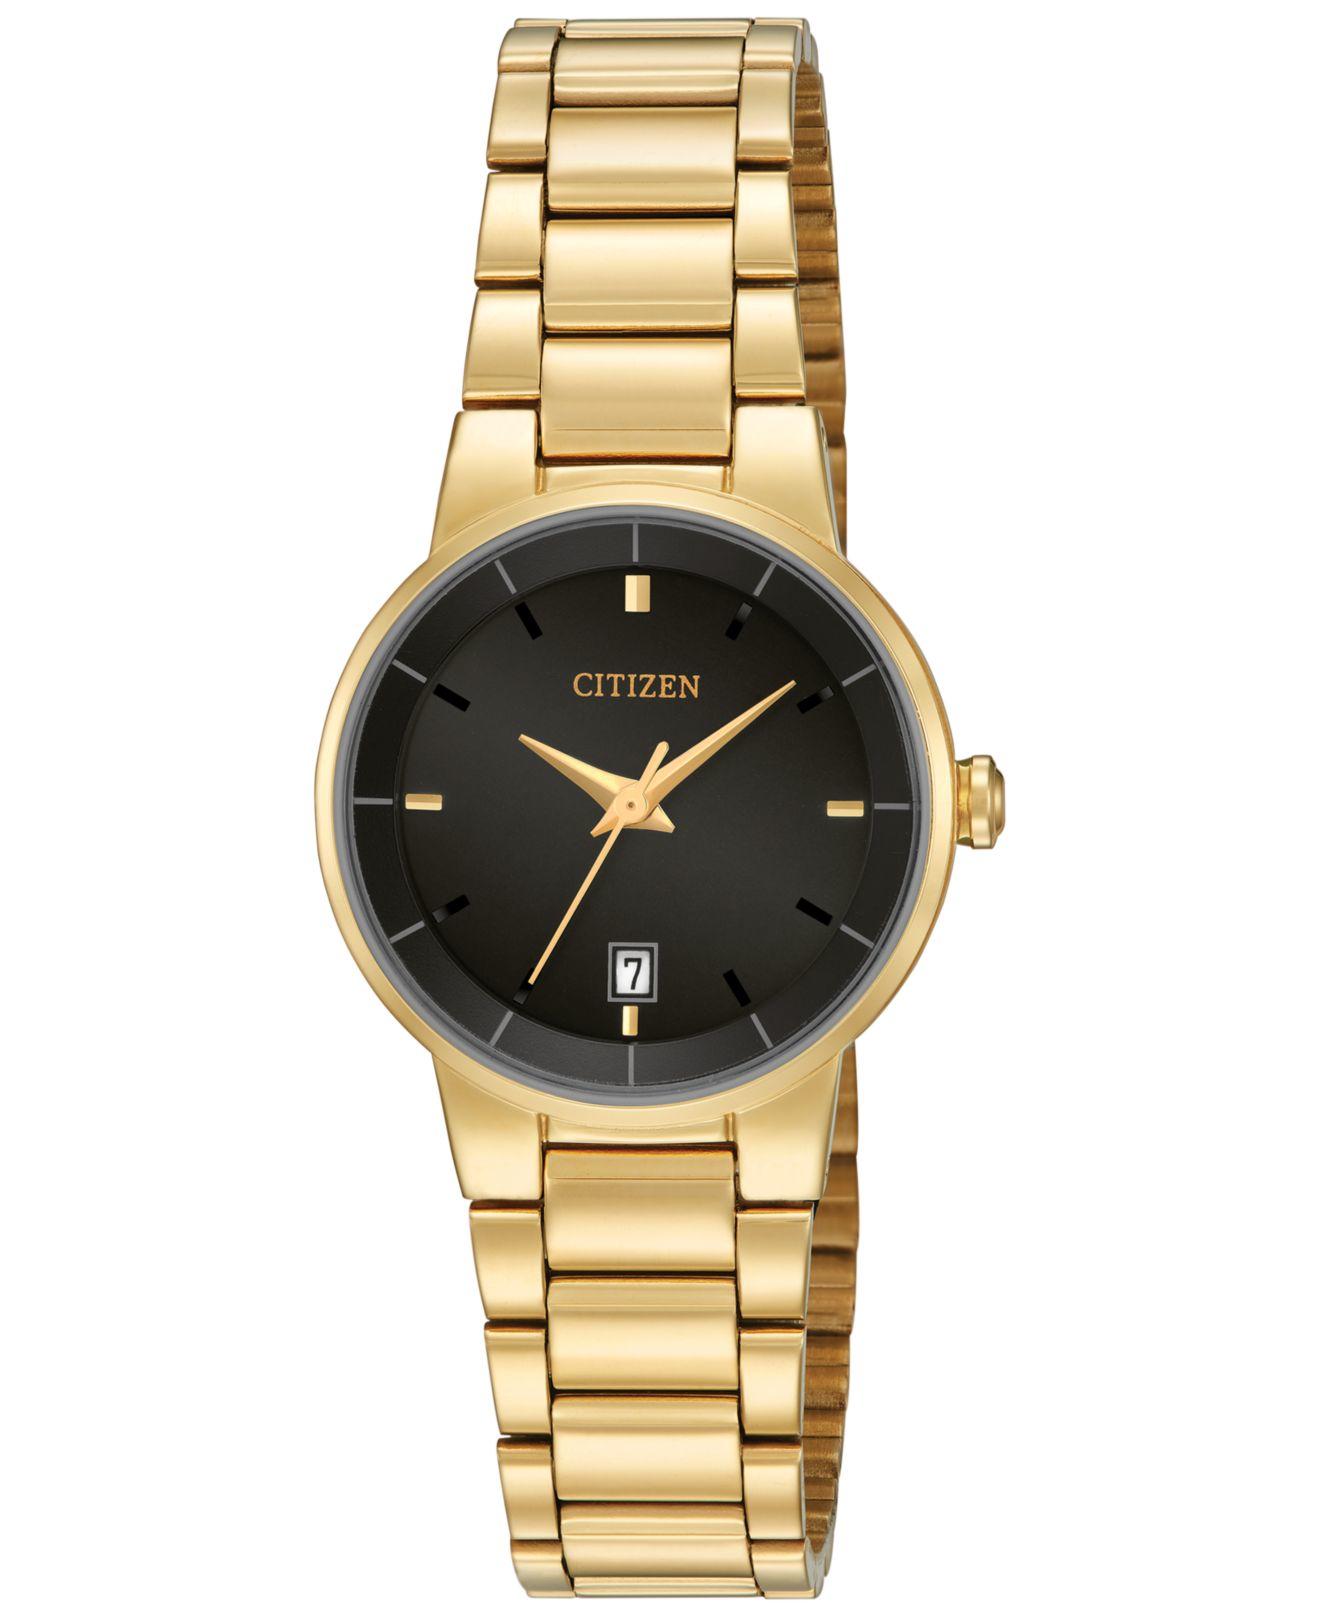 Citizen Women's Gold-tone Stainless Steel Bracelet Watch ...